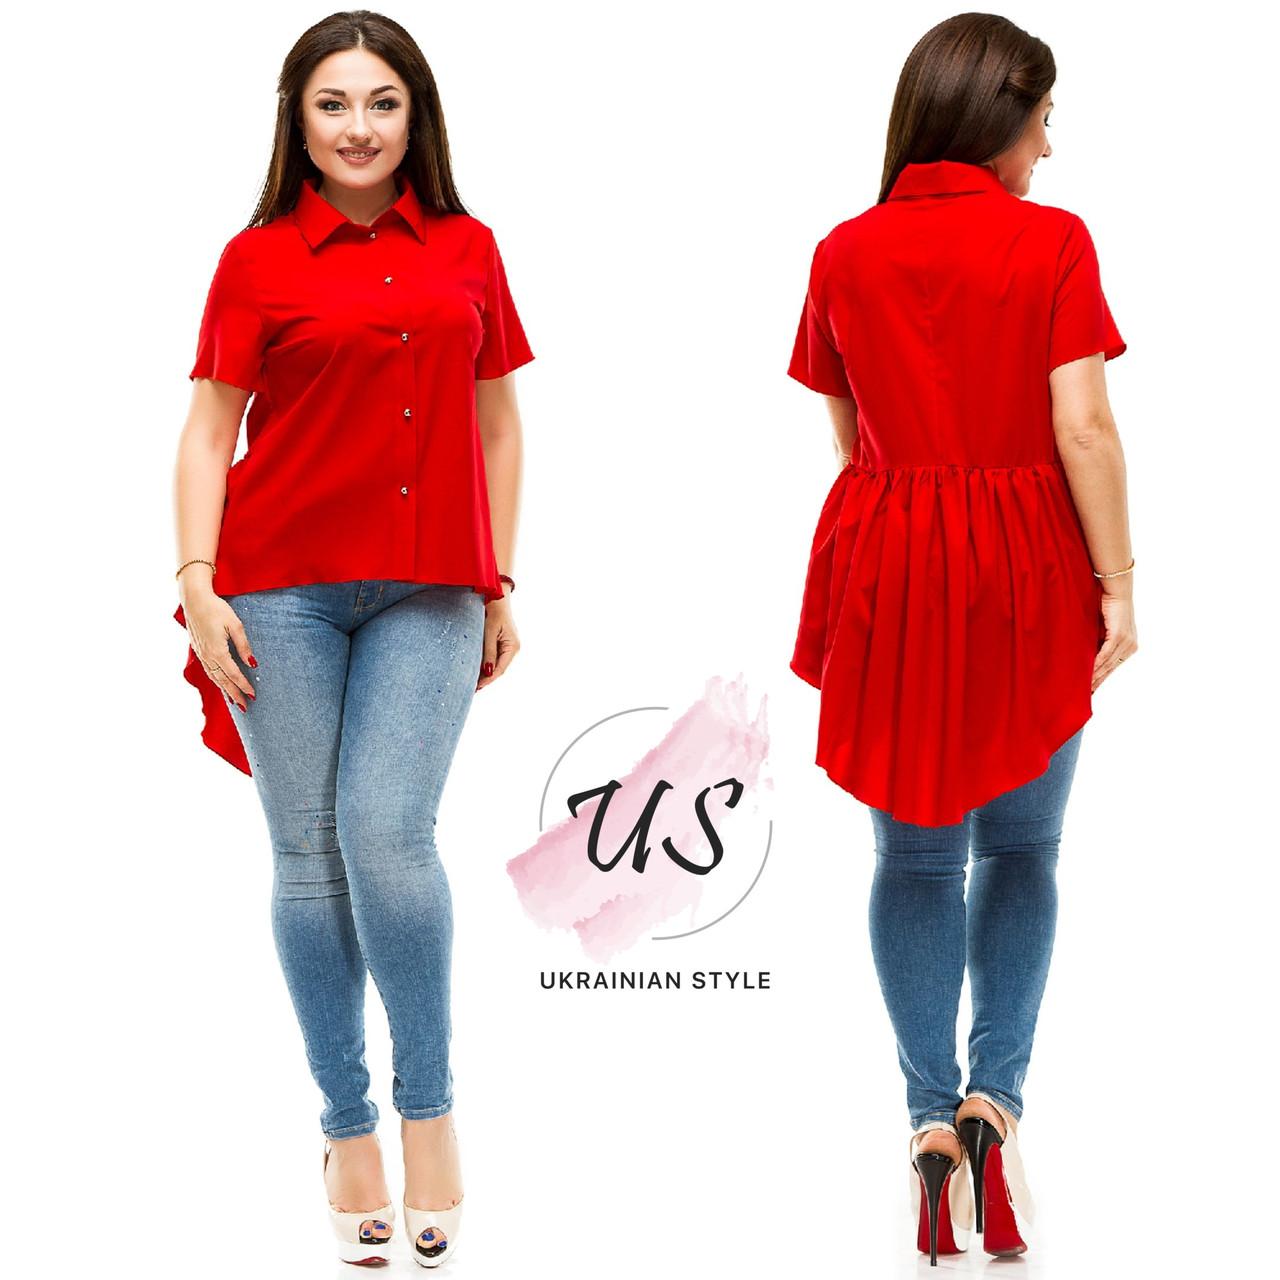 e2a76b9c68611d3 Женская батальная рубашка, удлиненная сзади. 6 цветов!: продажа ...